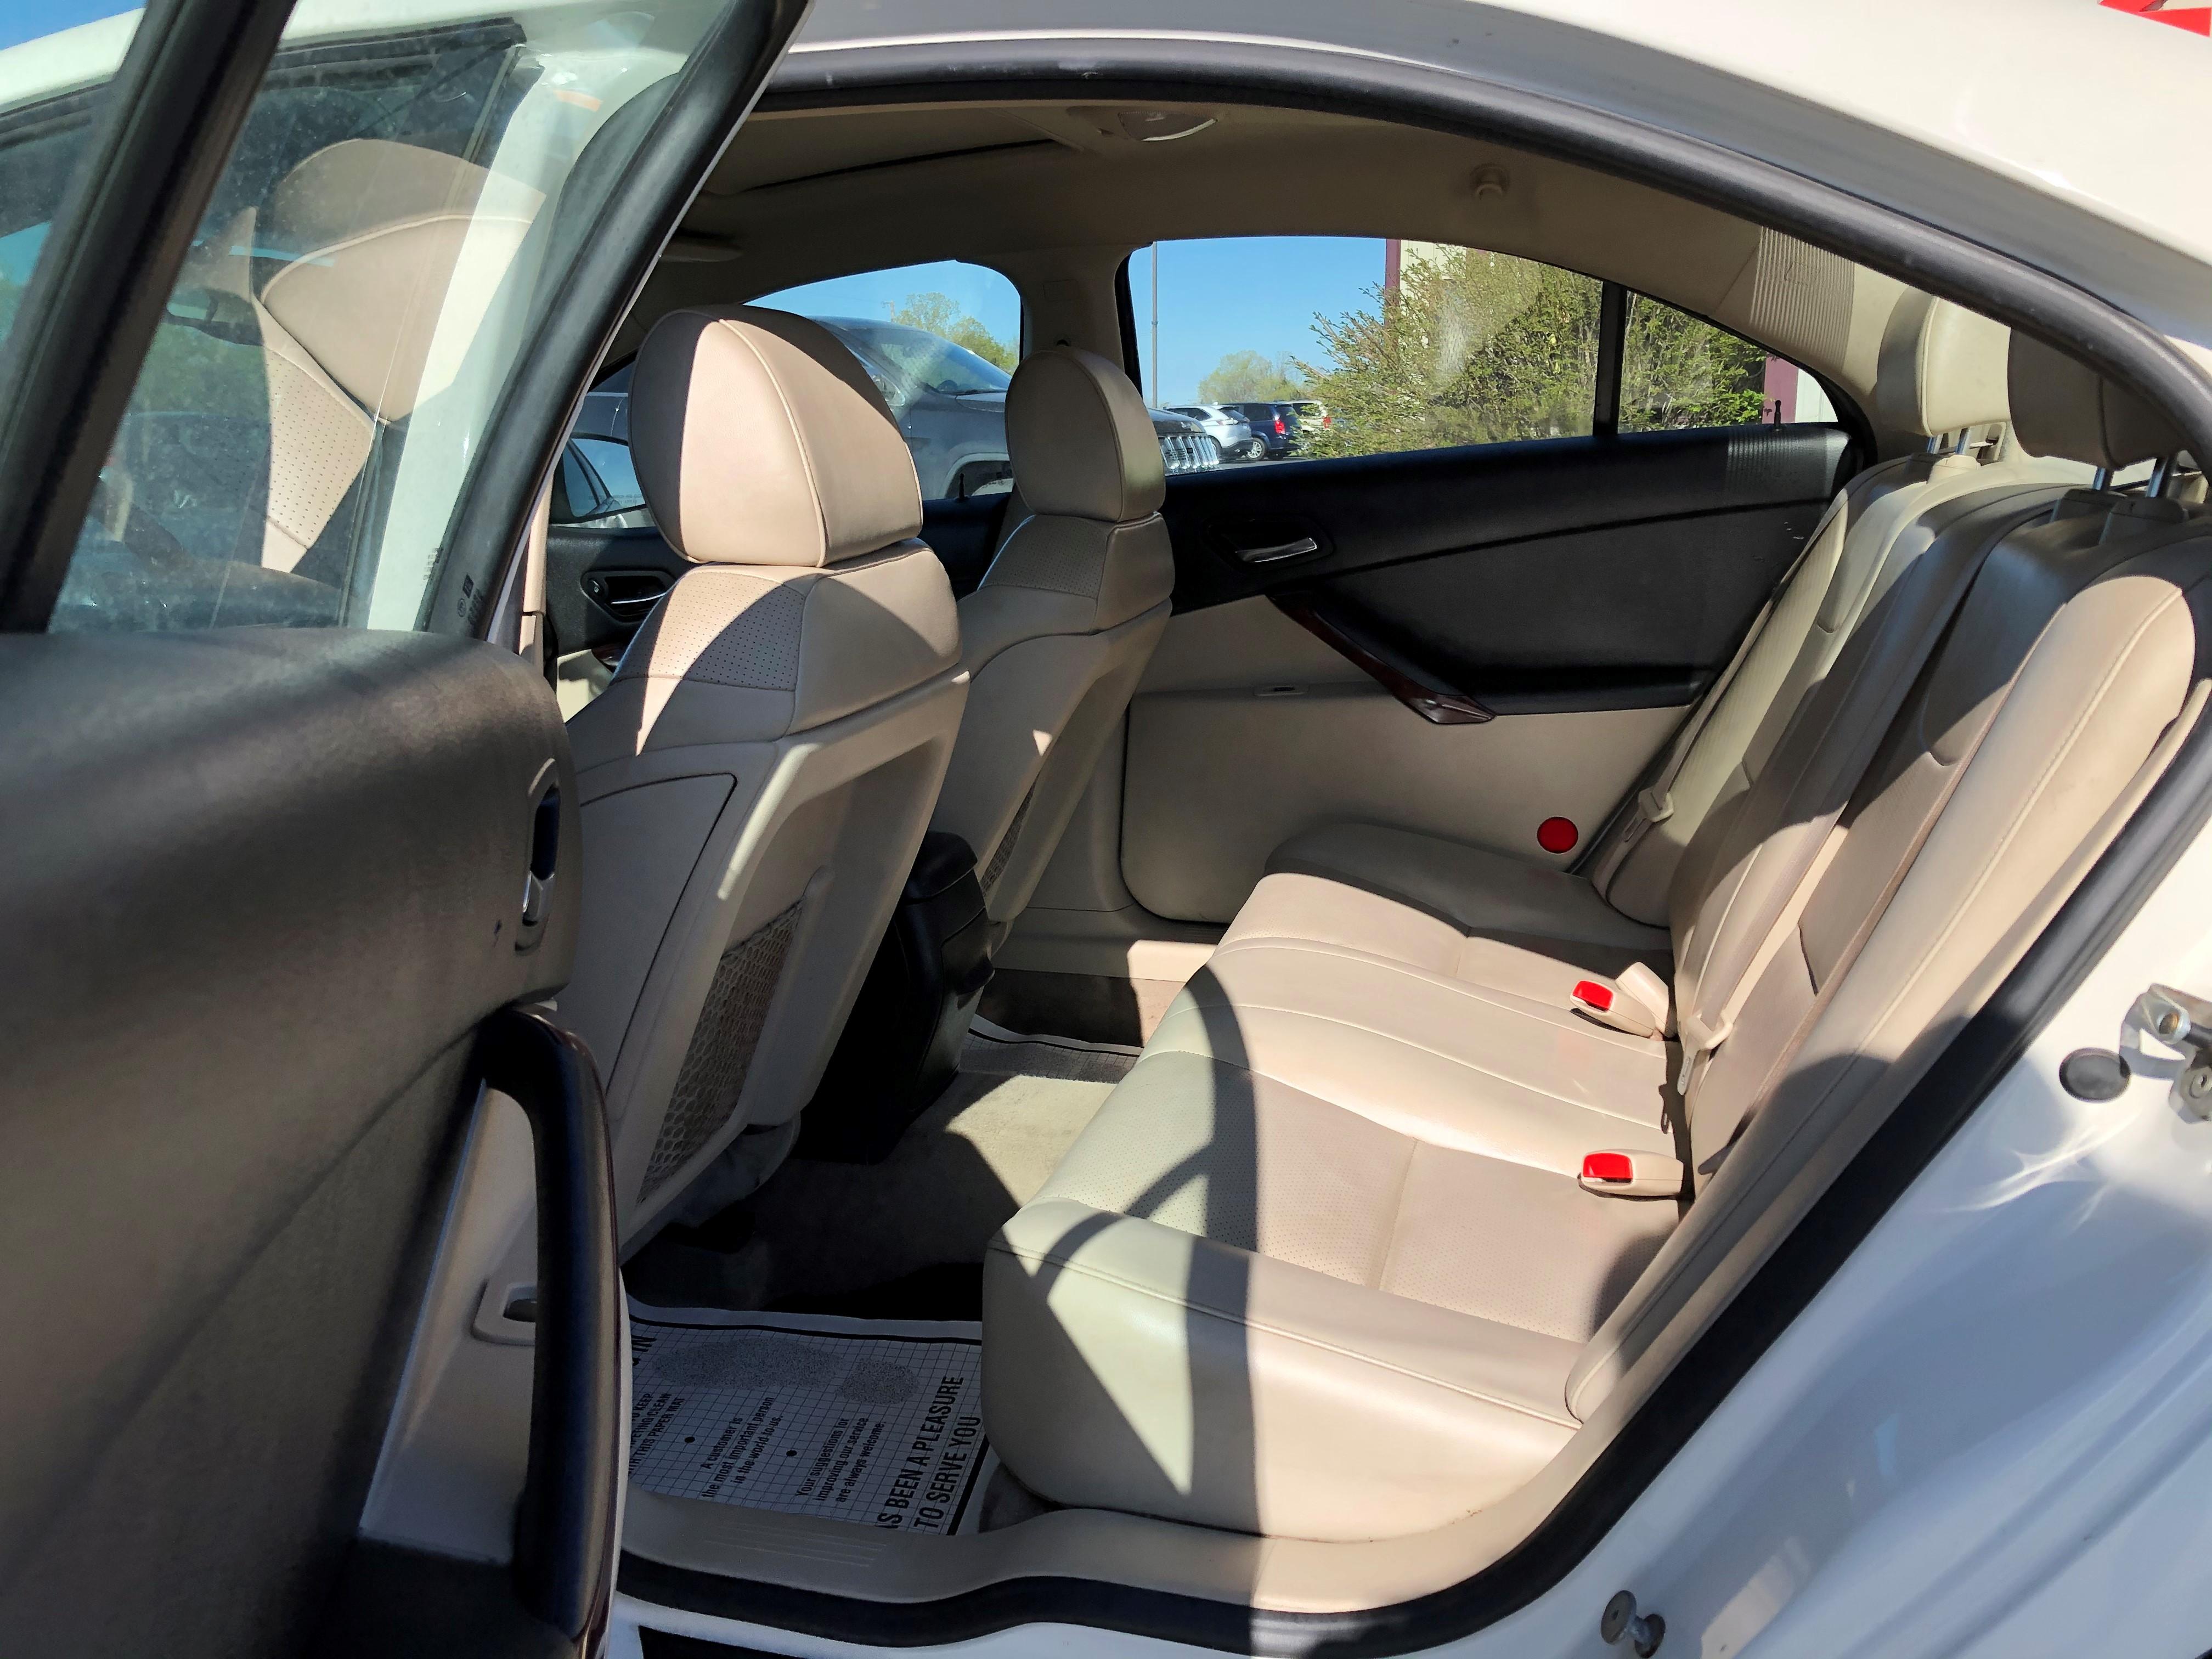 used vehicle - Sedan PONTIAC G6 2008